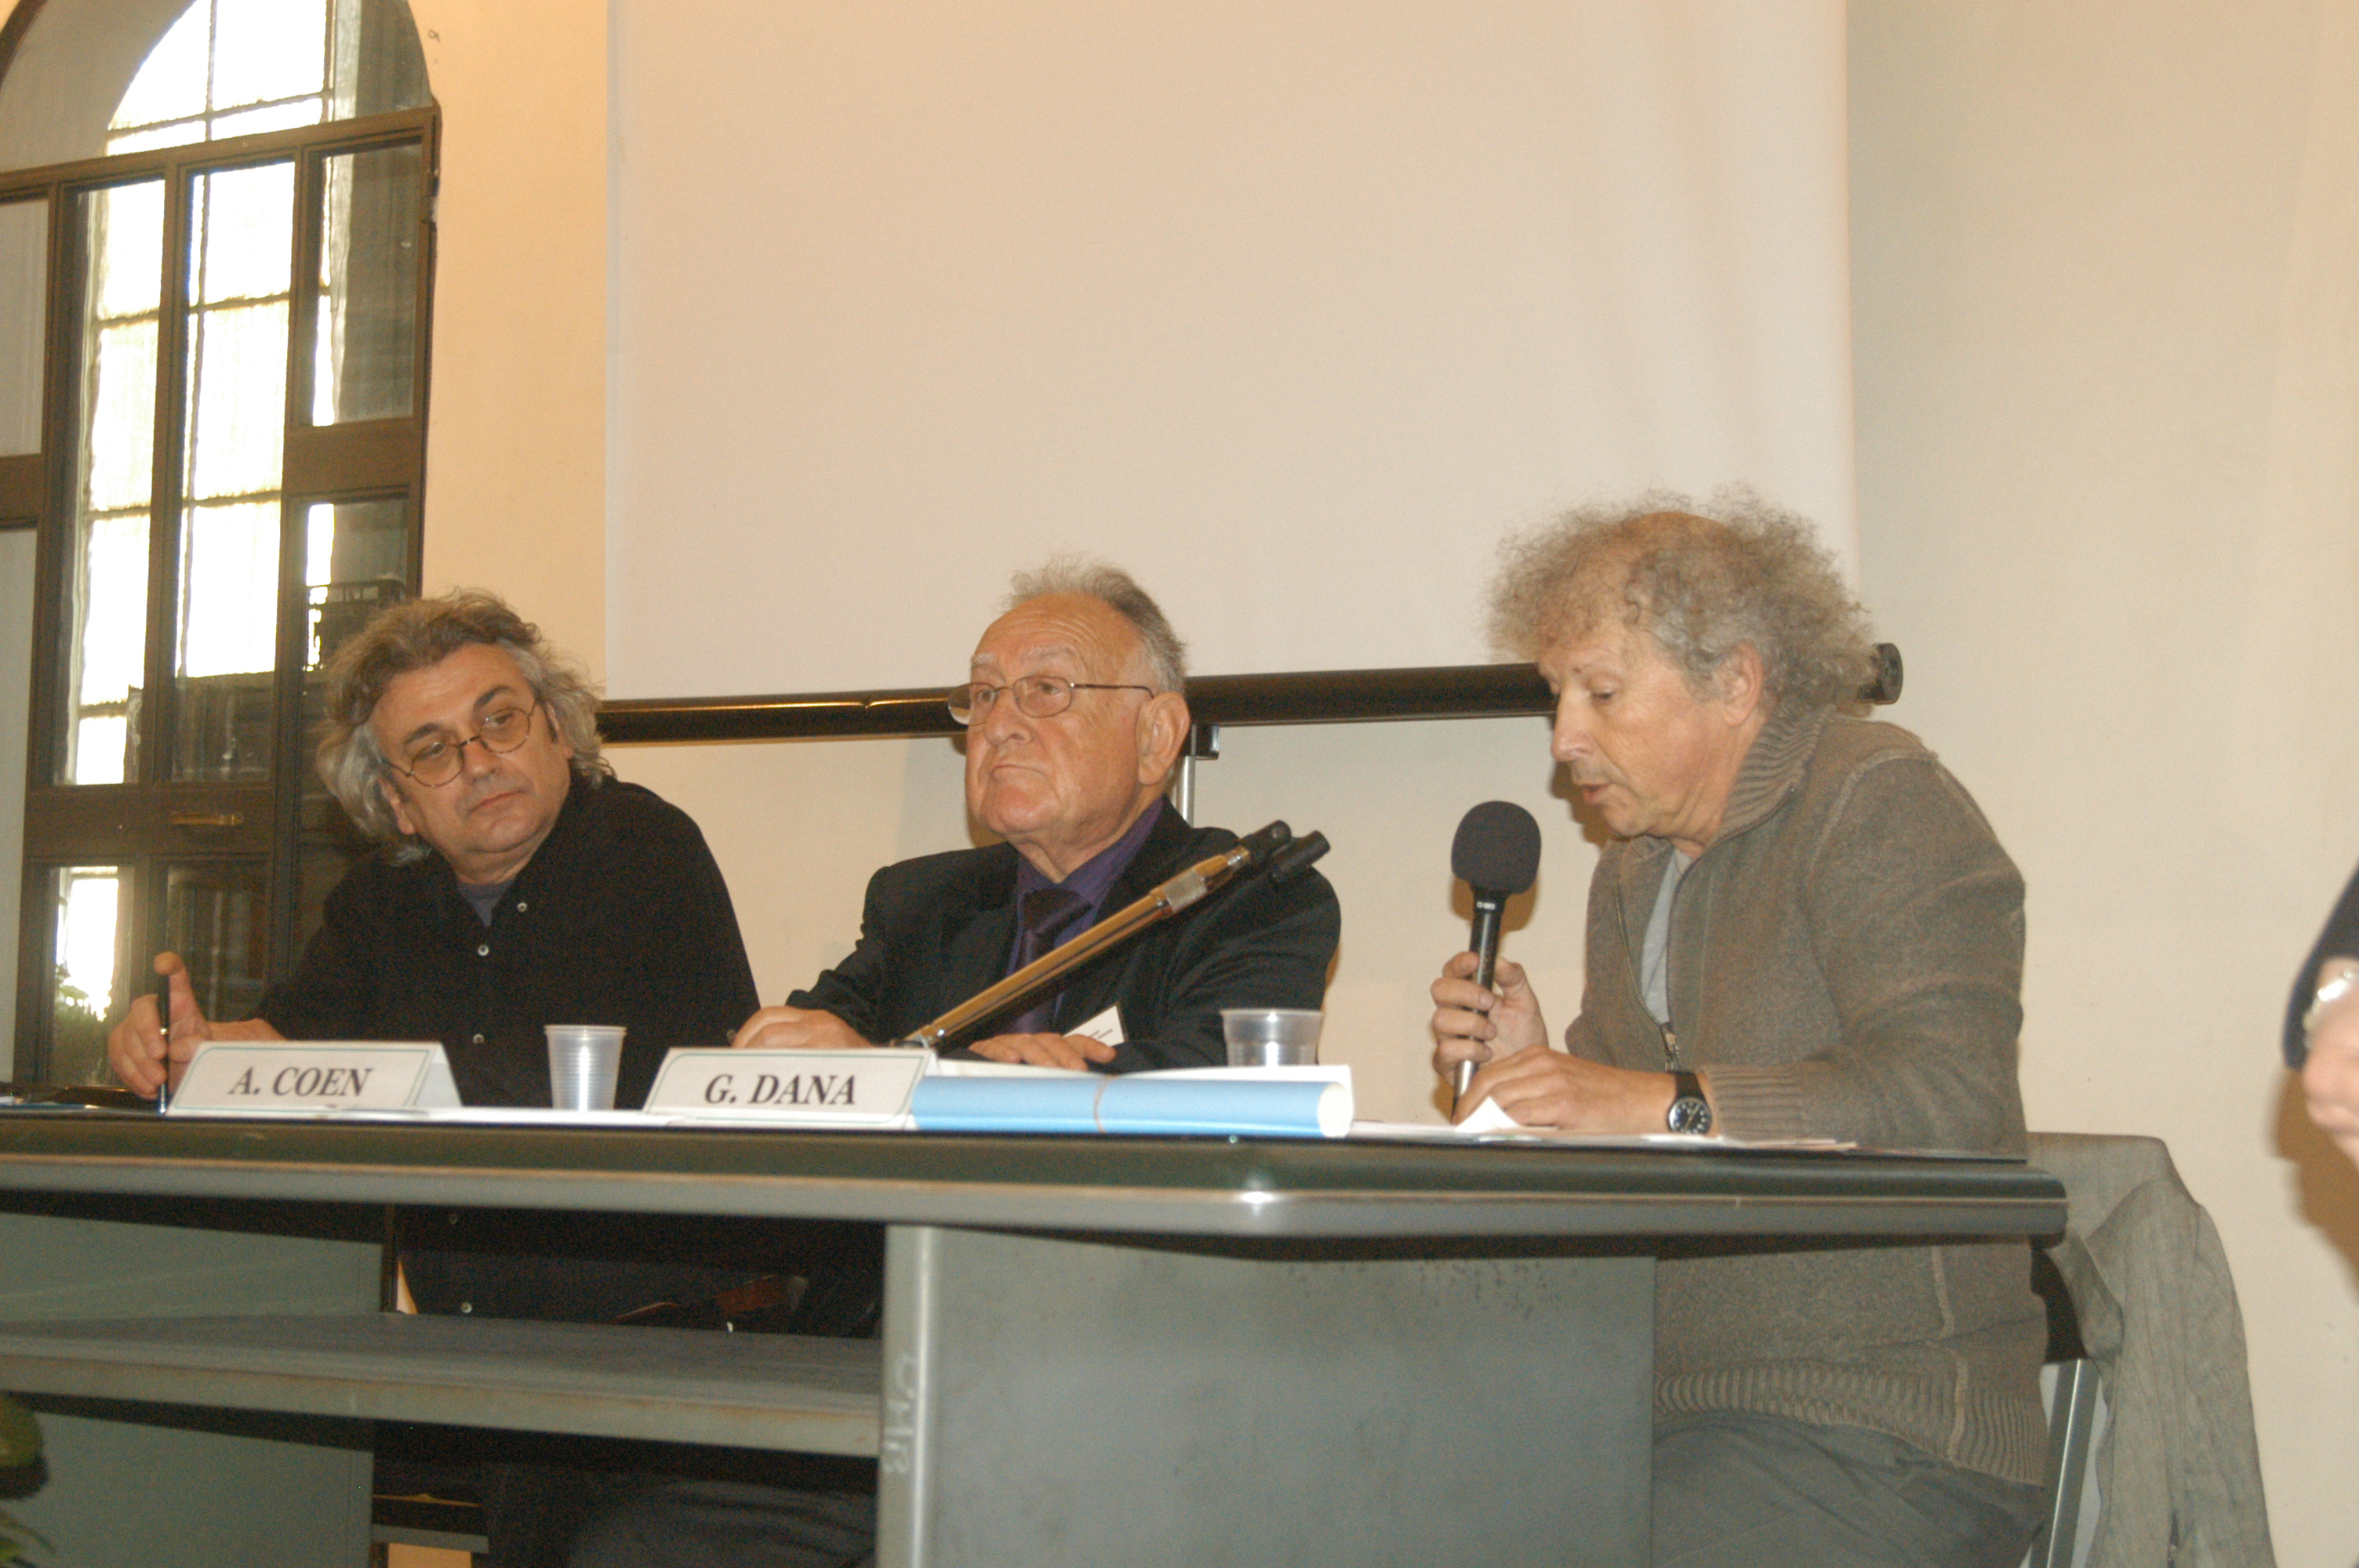 2008,                                                                                                         I° Congresso Id-entità mediterranee: C. Trono, A. Coen, G. Dana